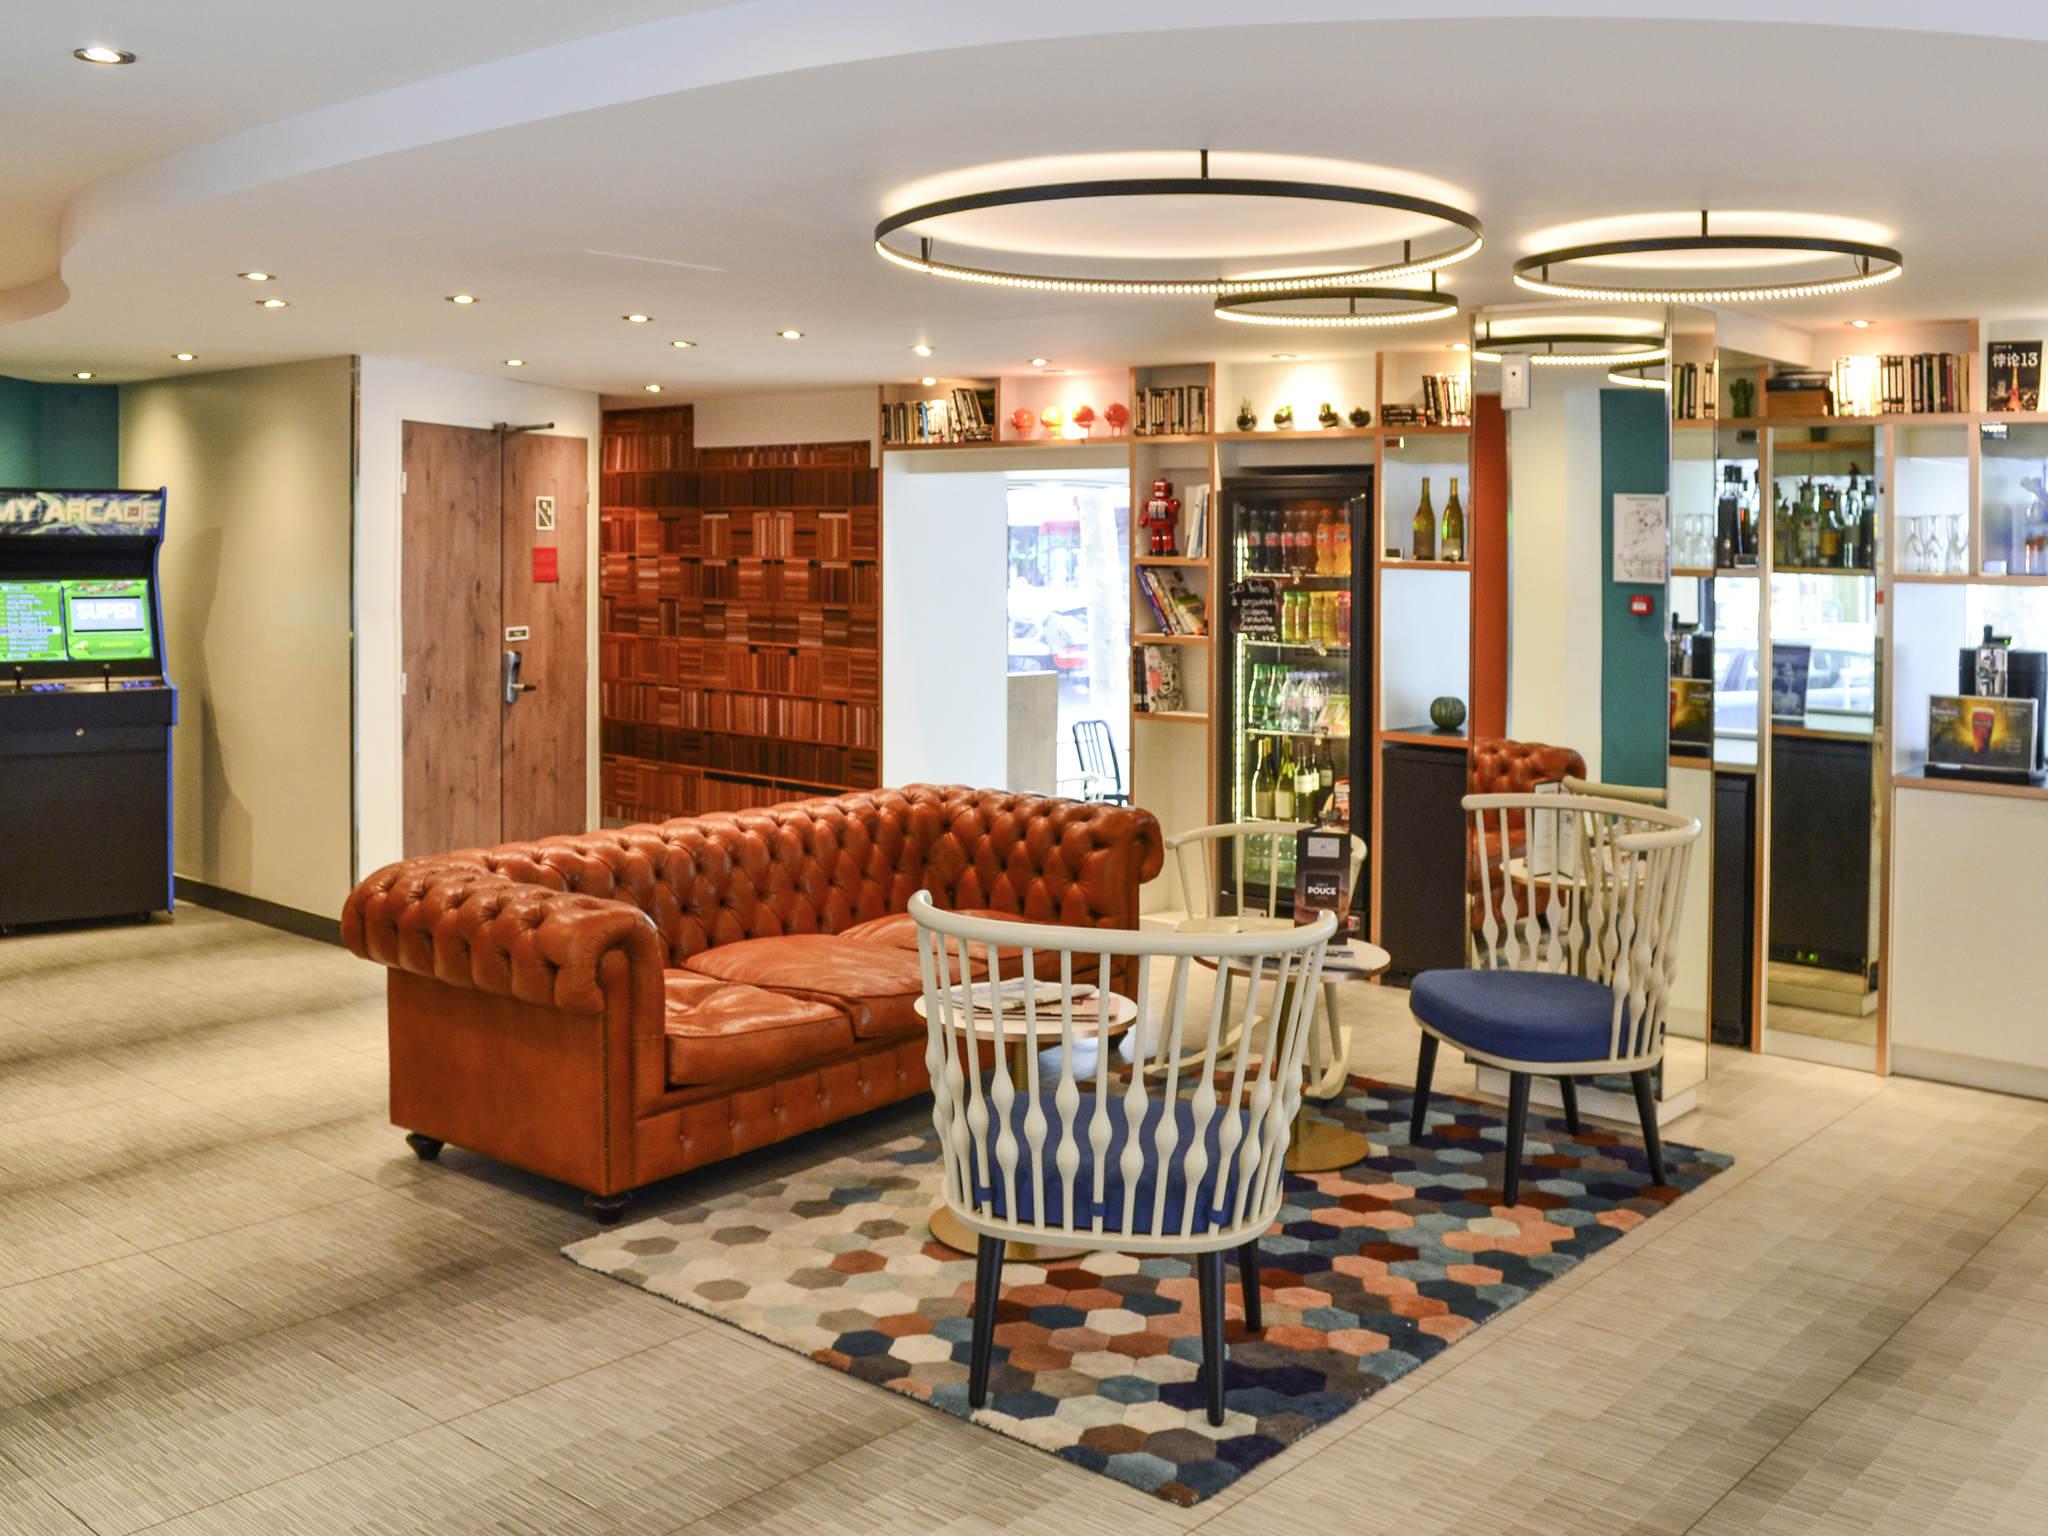 โรงแรม – ไอบิส ปารีส การ์ เดอ ลียง ดิเดโร 12เอเม่